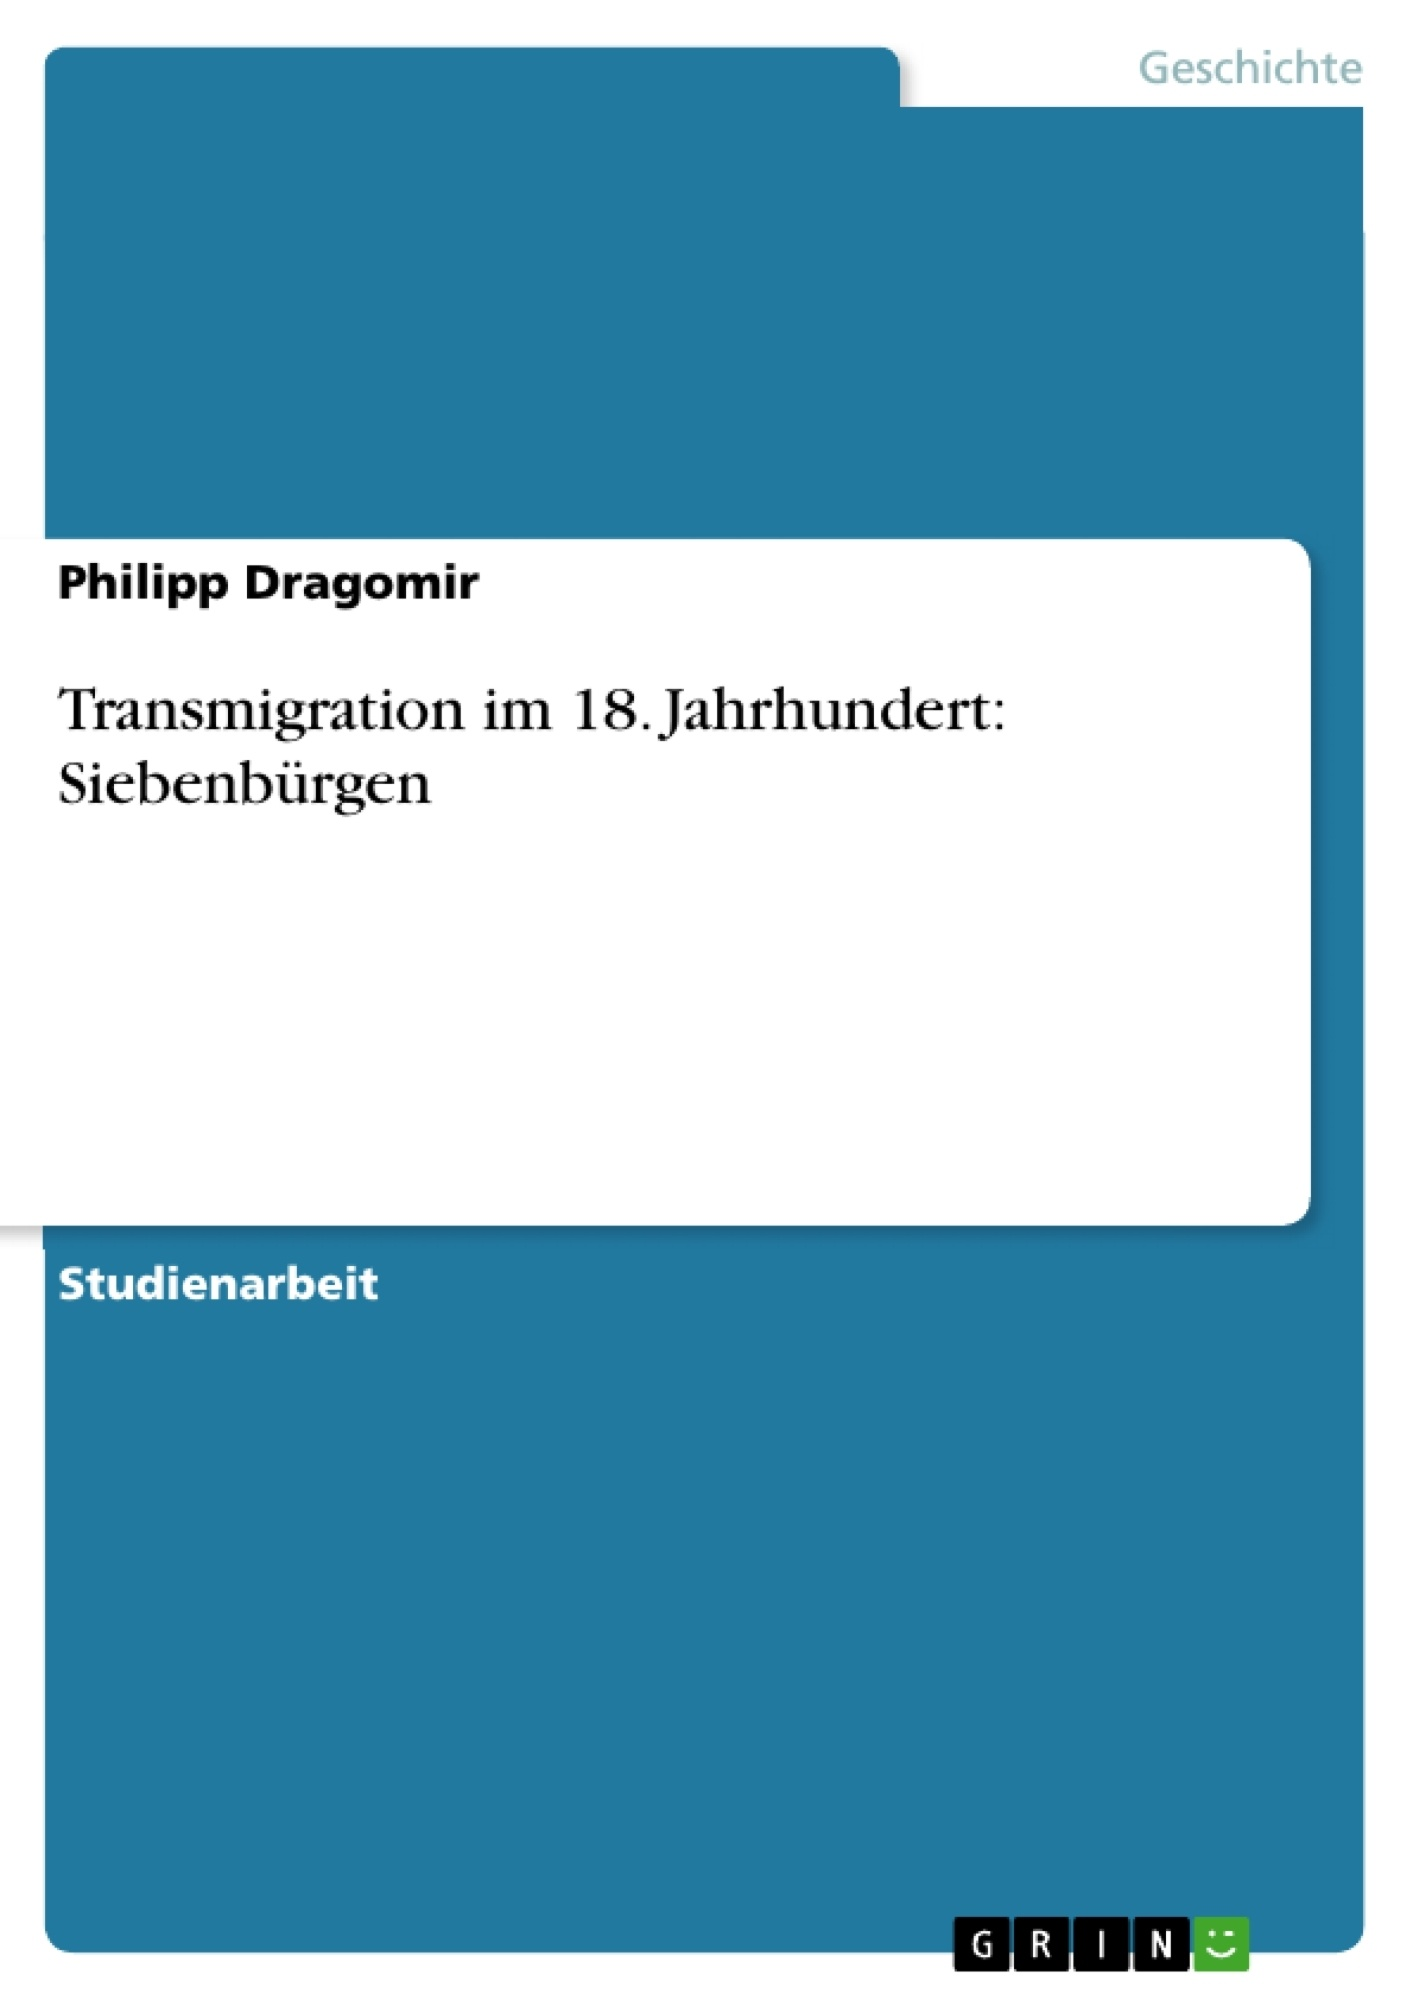 Titel: Transmigration im 18. Jahrhundert: Siebenbürgen